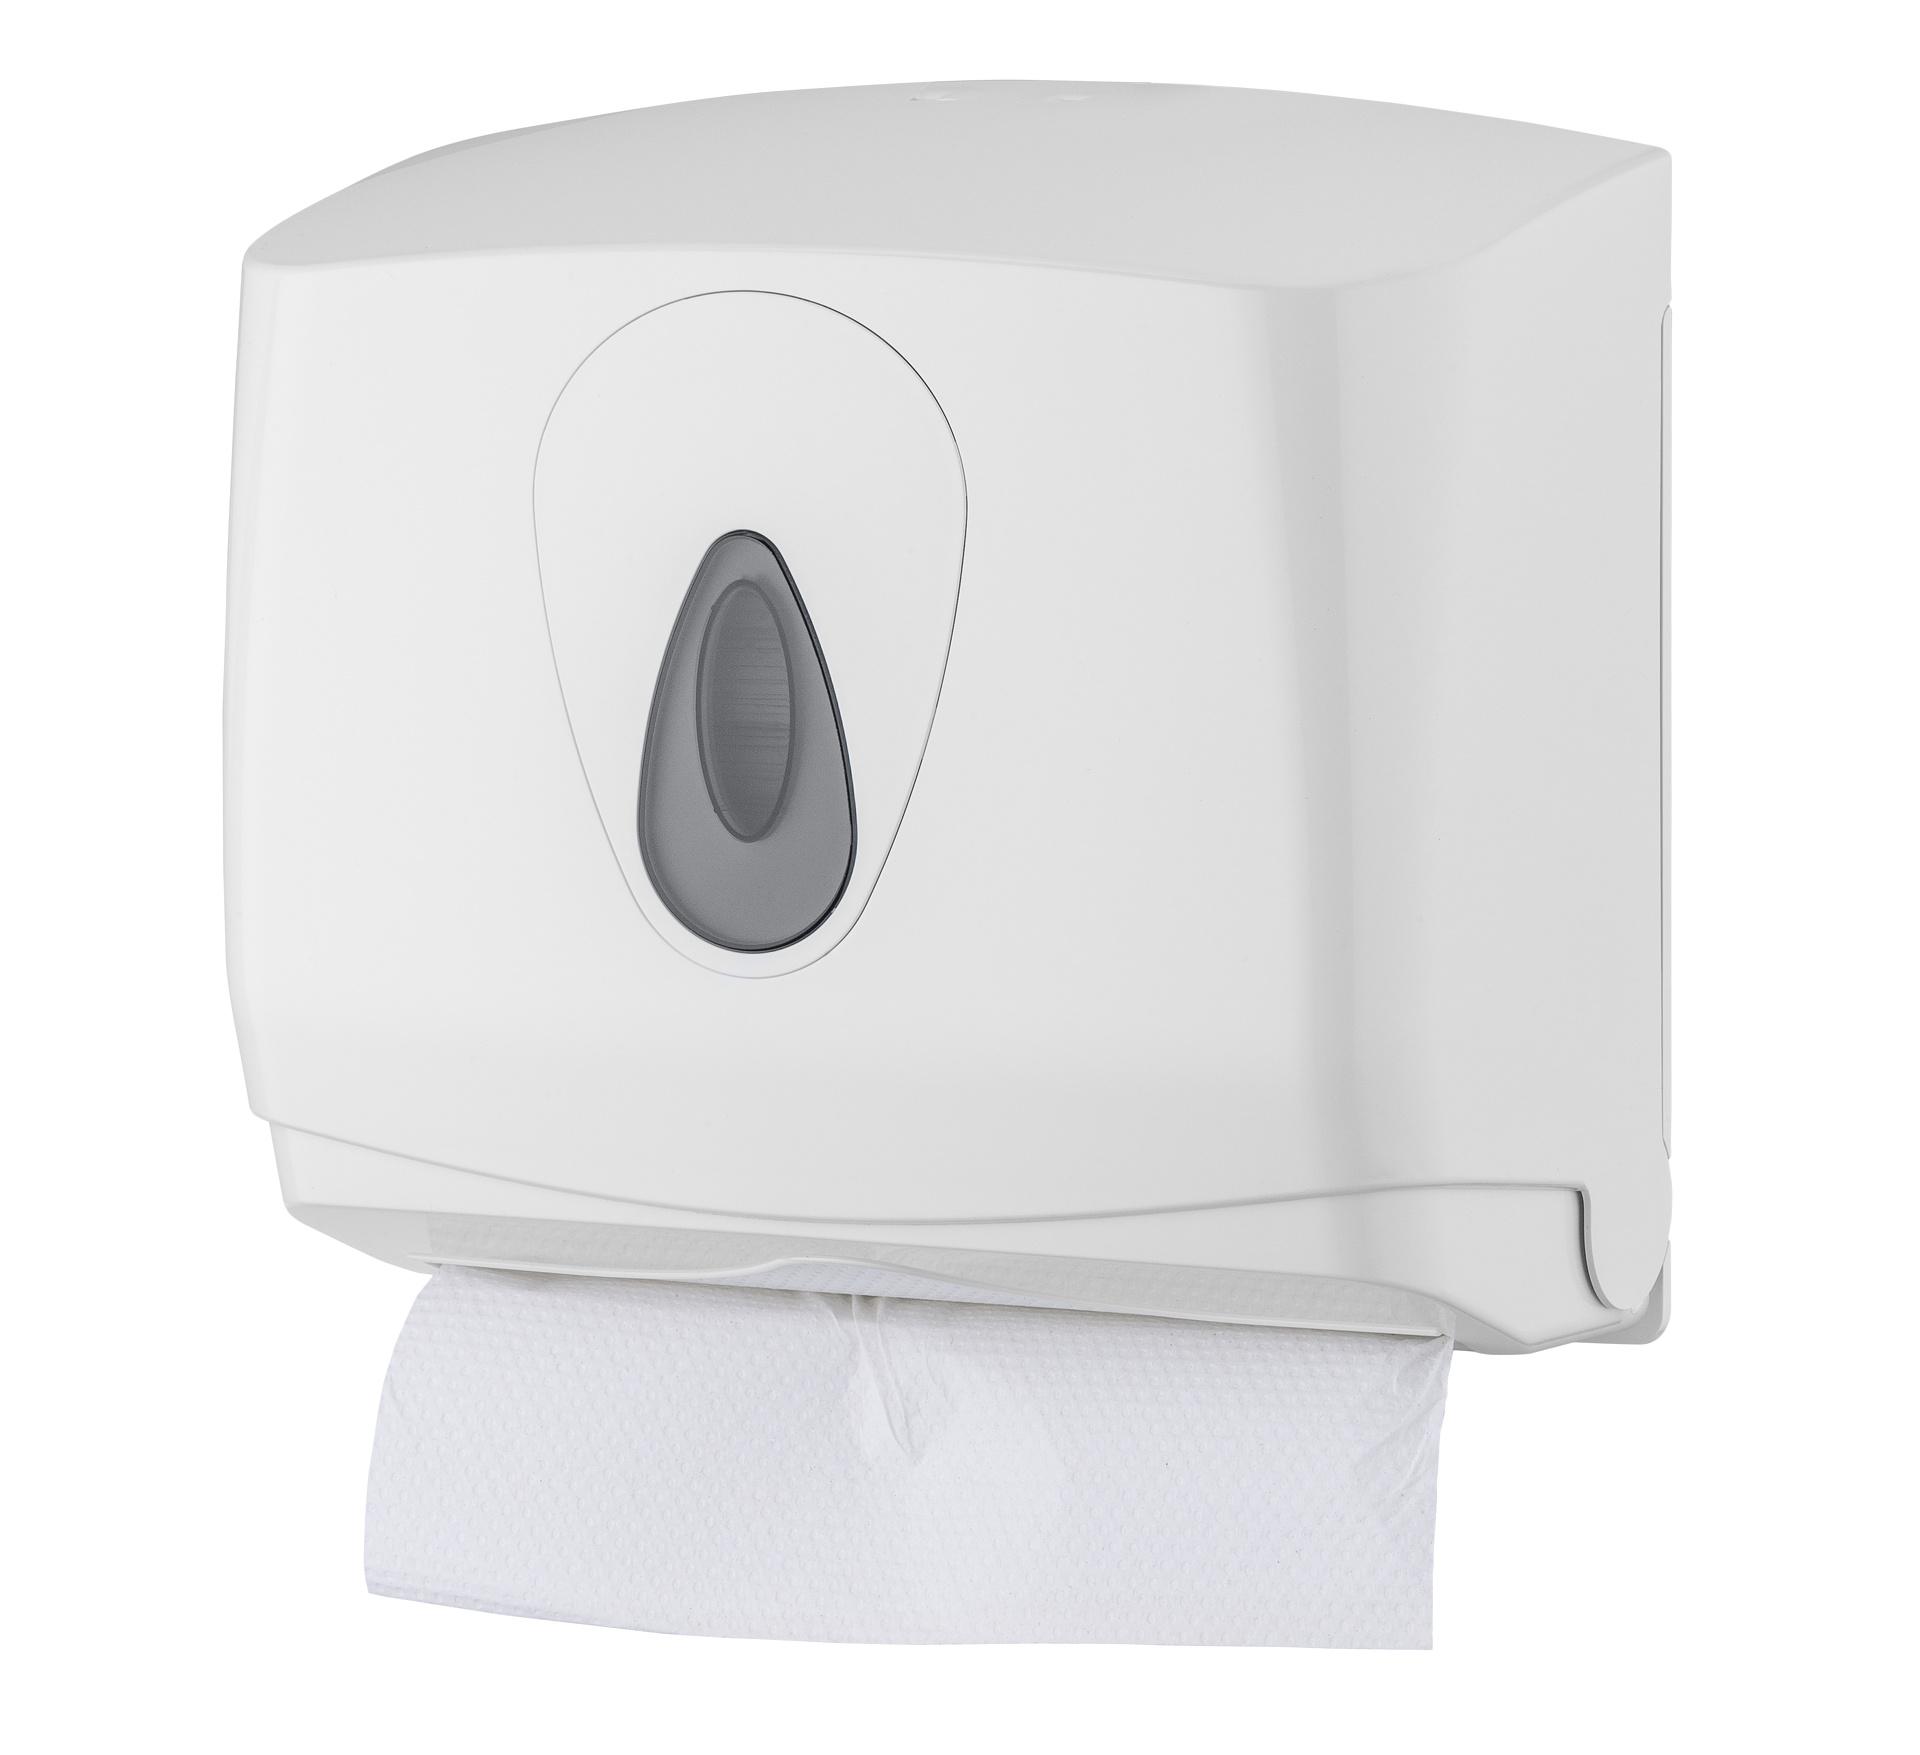 Falthandtuchspender Mini zur Wandmontage, weiß, 26 x 29 x 14 cm